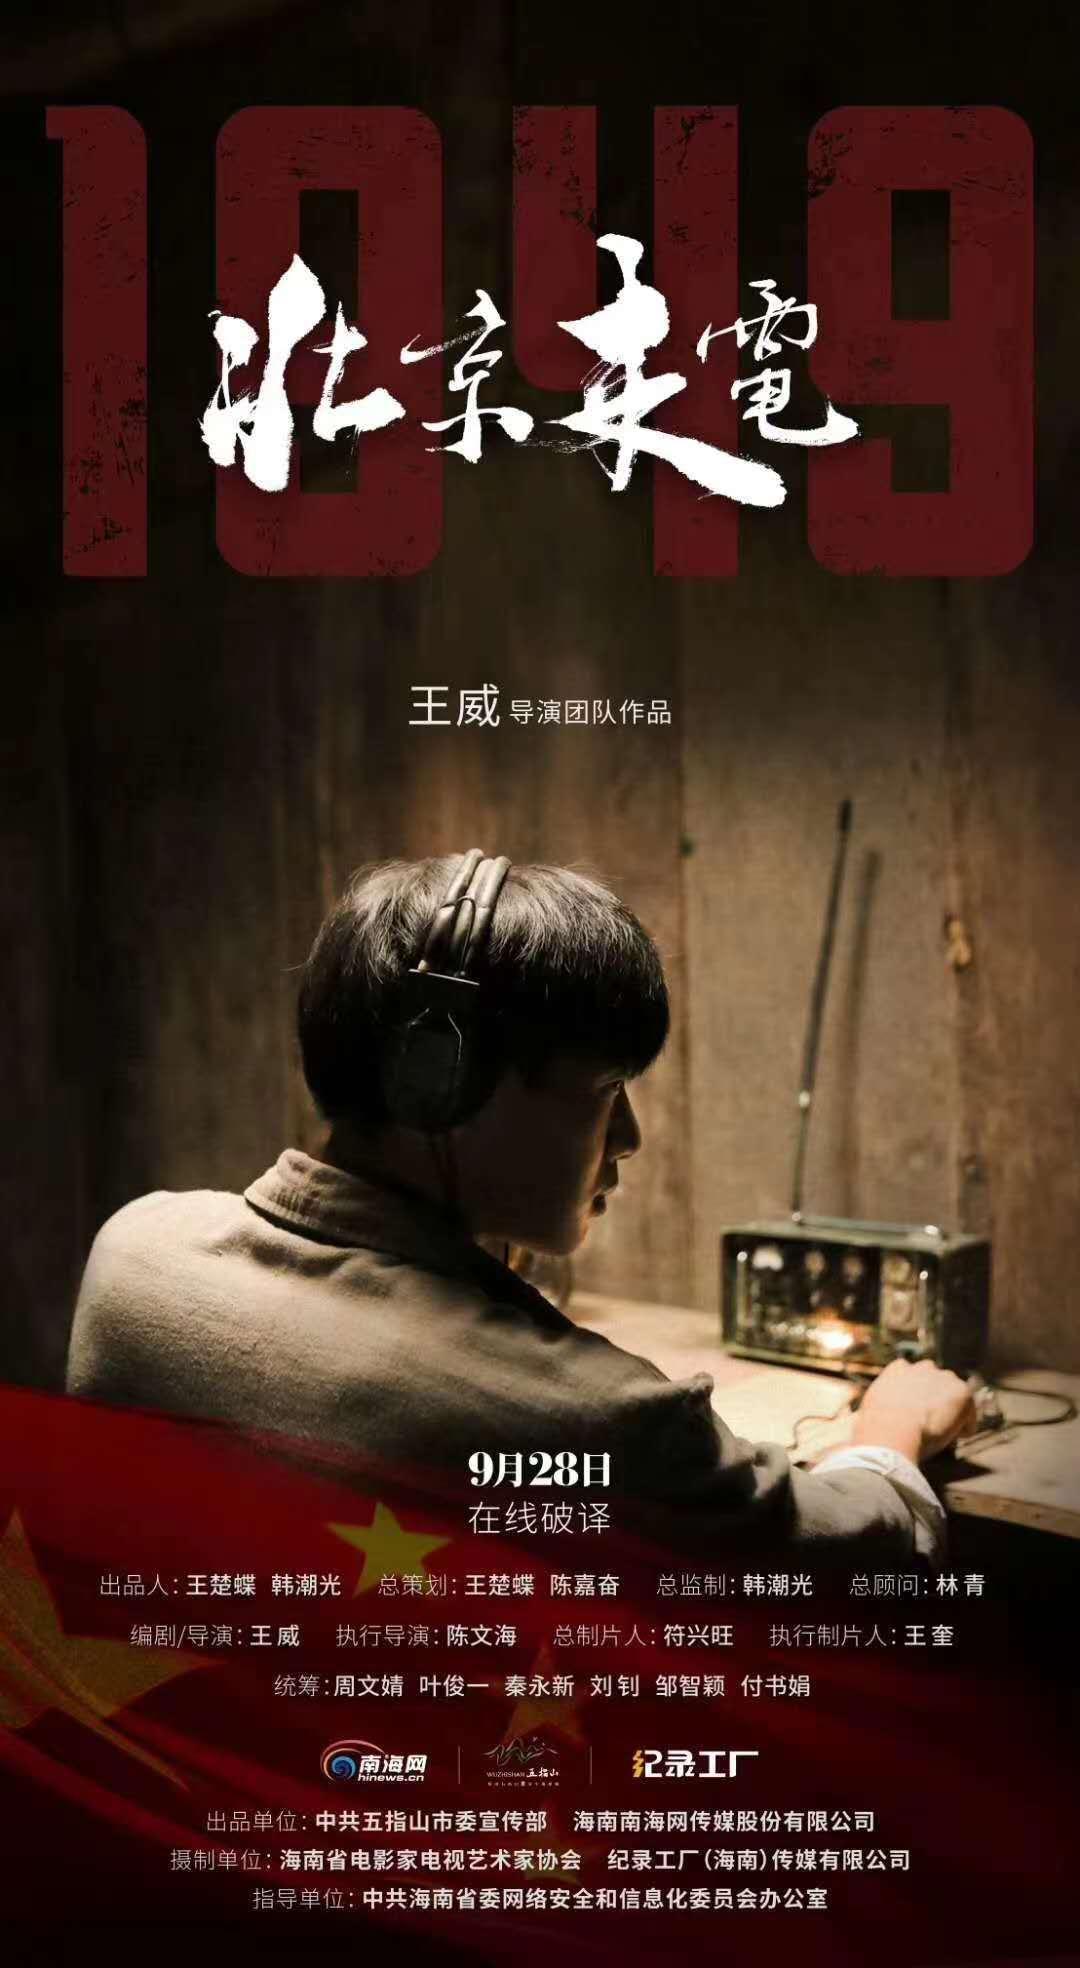 椰视频   微电影《1949北京来电》主演刘默飞:每场戏都争取一遍过